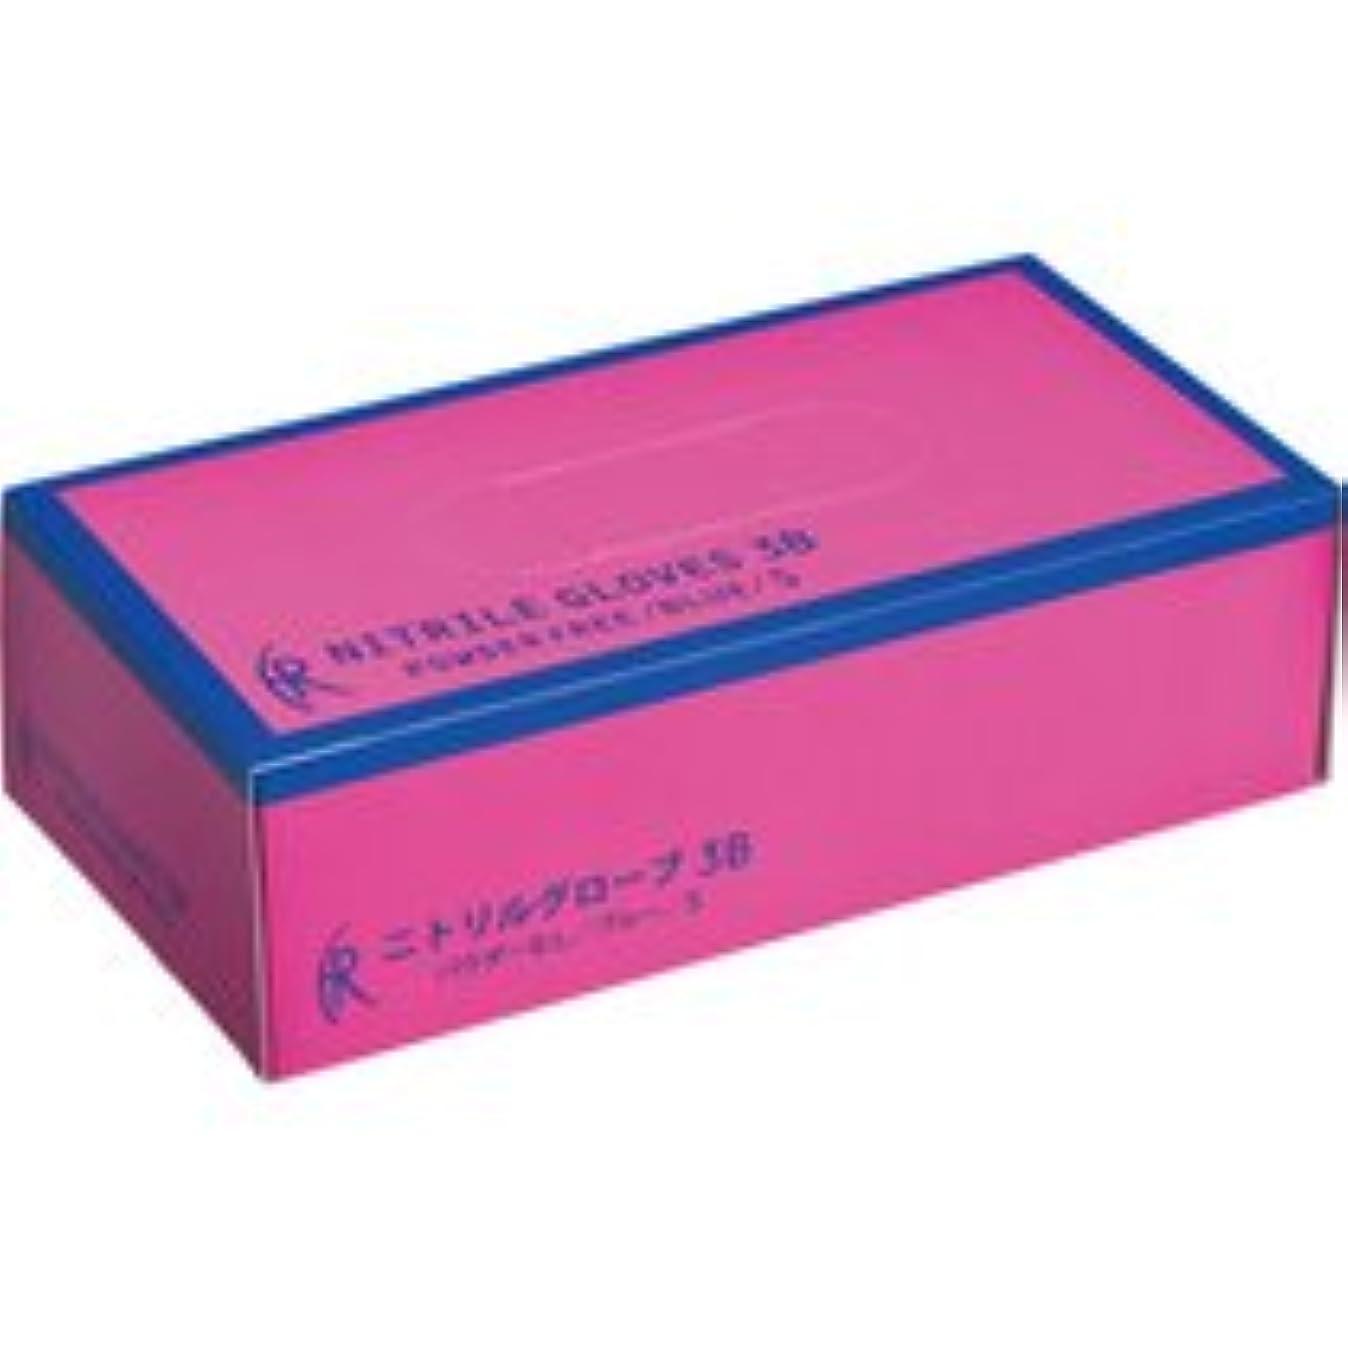 ハンカチマットケニアファーストレイト ニトリルグローブ3B パウダーフリー S FR-5661 1箱(200枚)